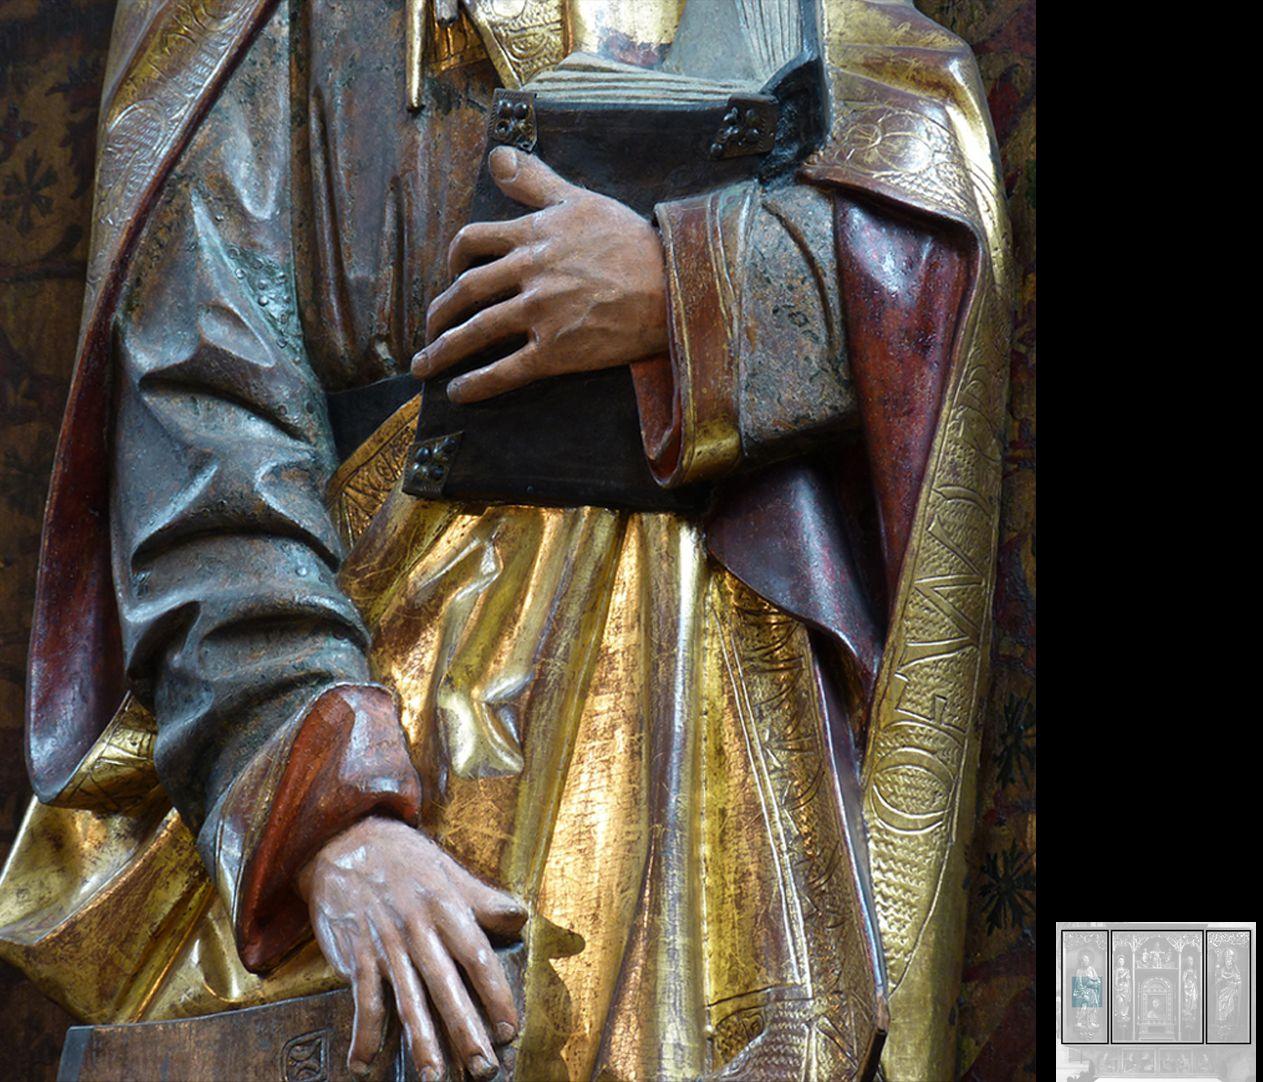 Marthaaltar Apostel Matthias, eine Hand hält das Buch, die andere lehnt auf dem Beil